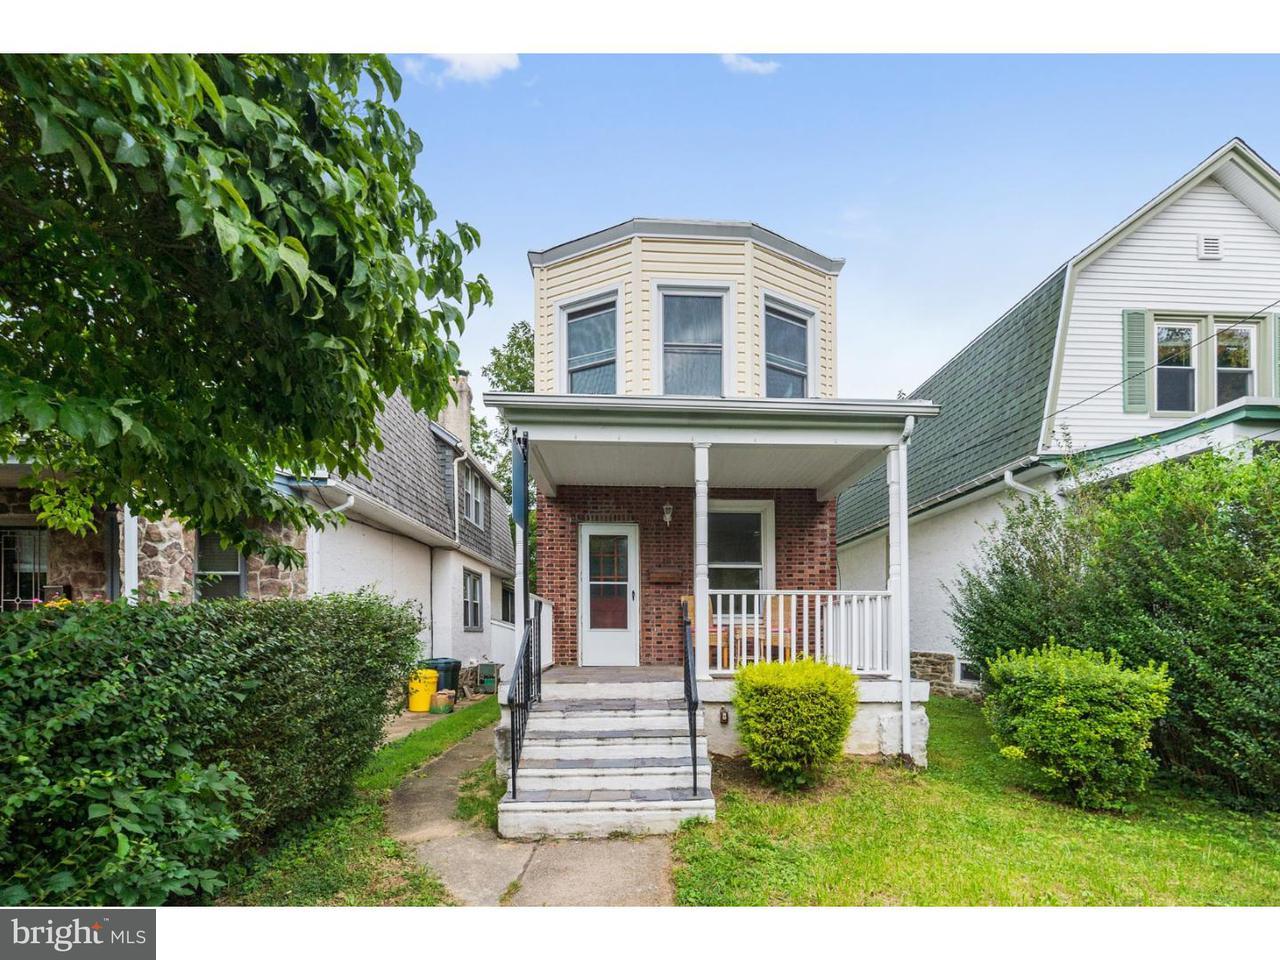 独户住宅 为 出租 在 243 IONA Avenue Narberth, 宾夕法尼亚州 19072 美国